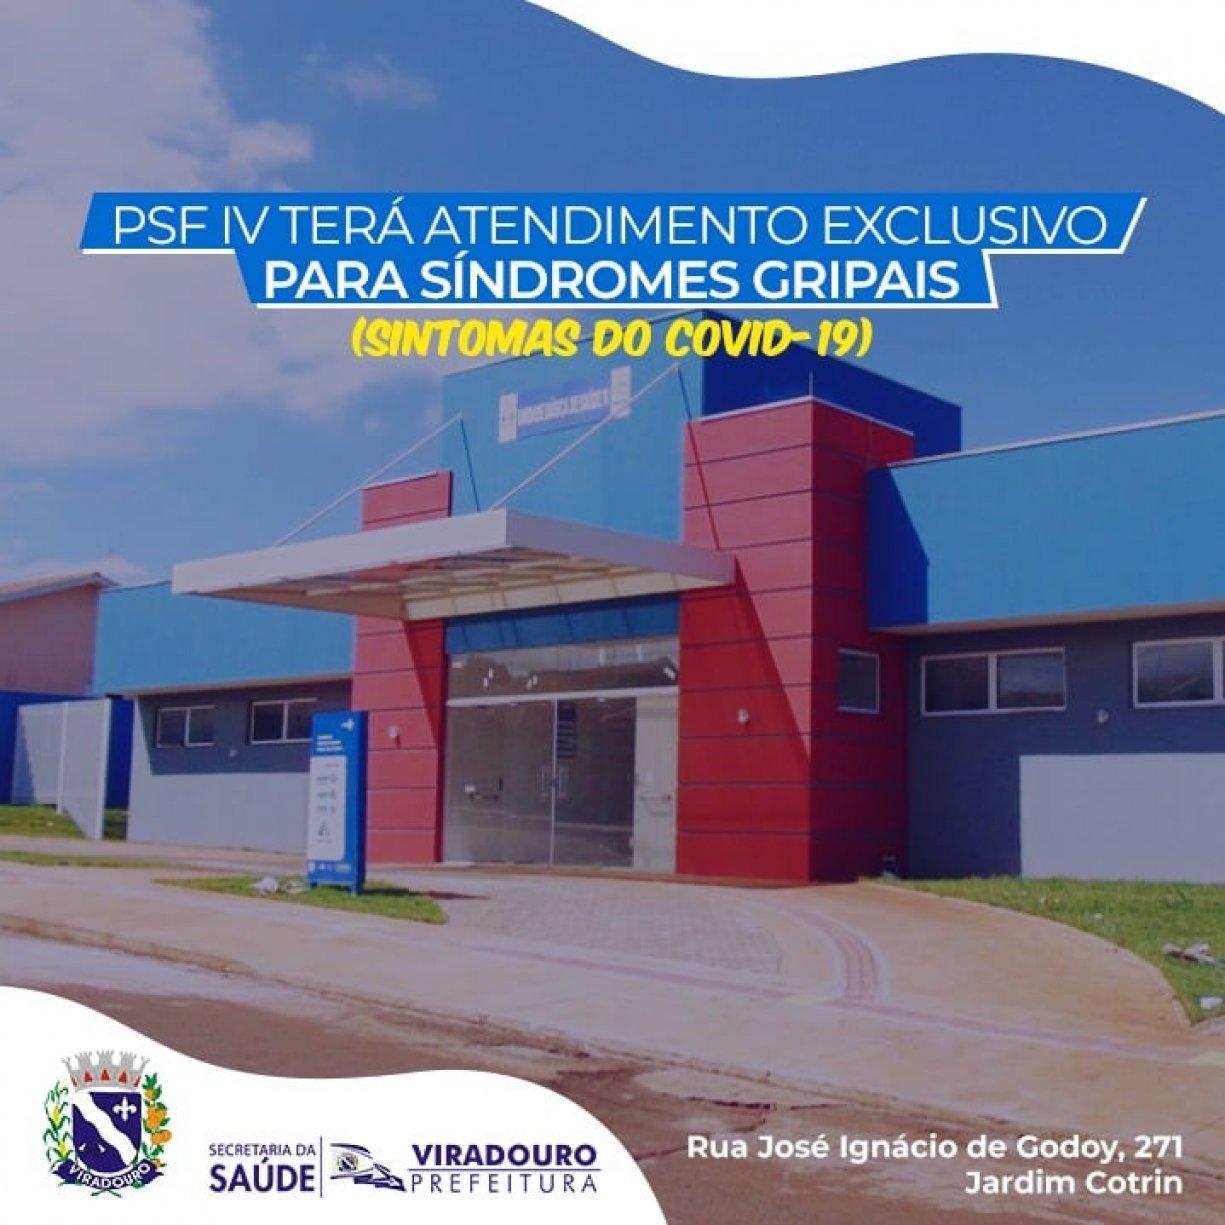 PSF IV TERÁ ATENDIMENTO EXCLUSIVO PARA SÍNDROMES GRIPAIS (SINTOMAS DO COVID 19)